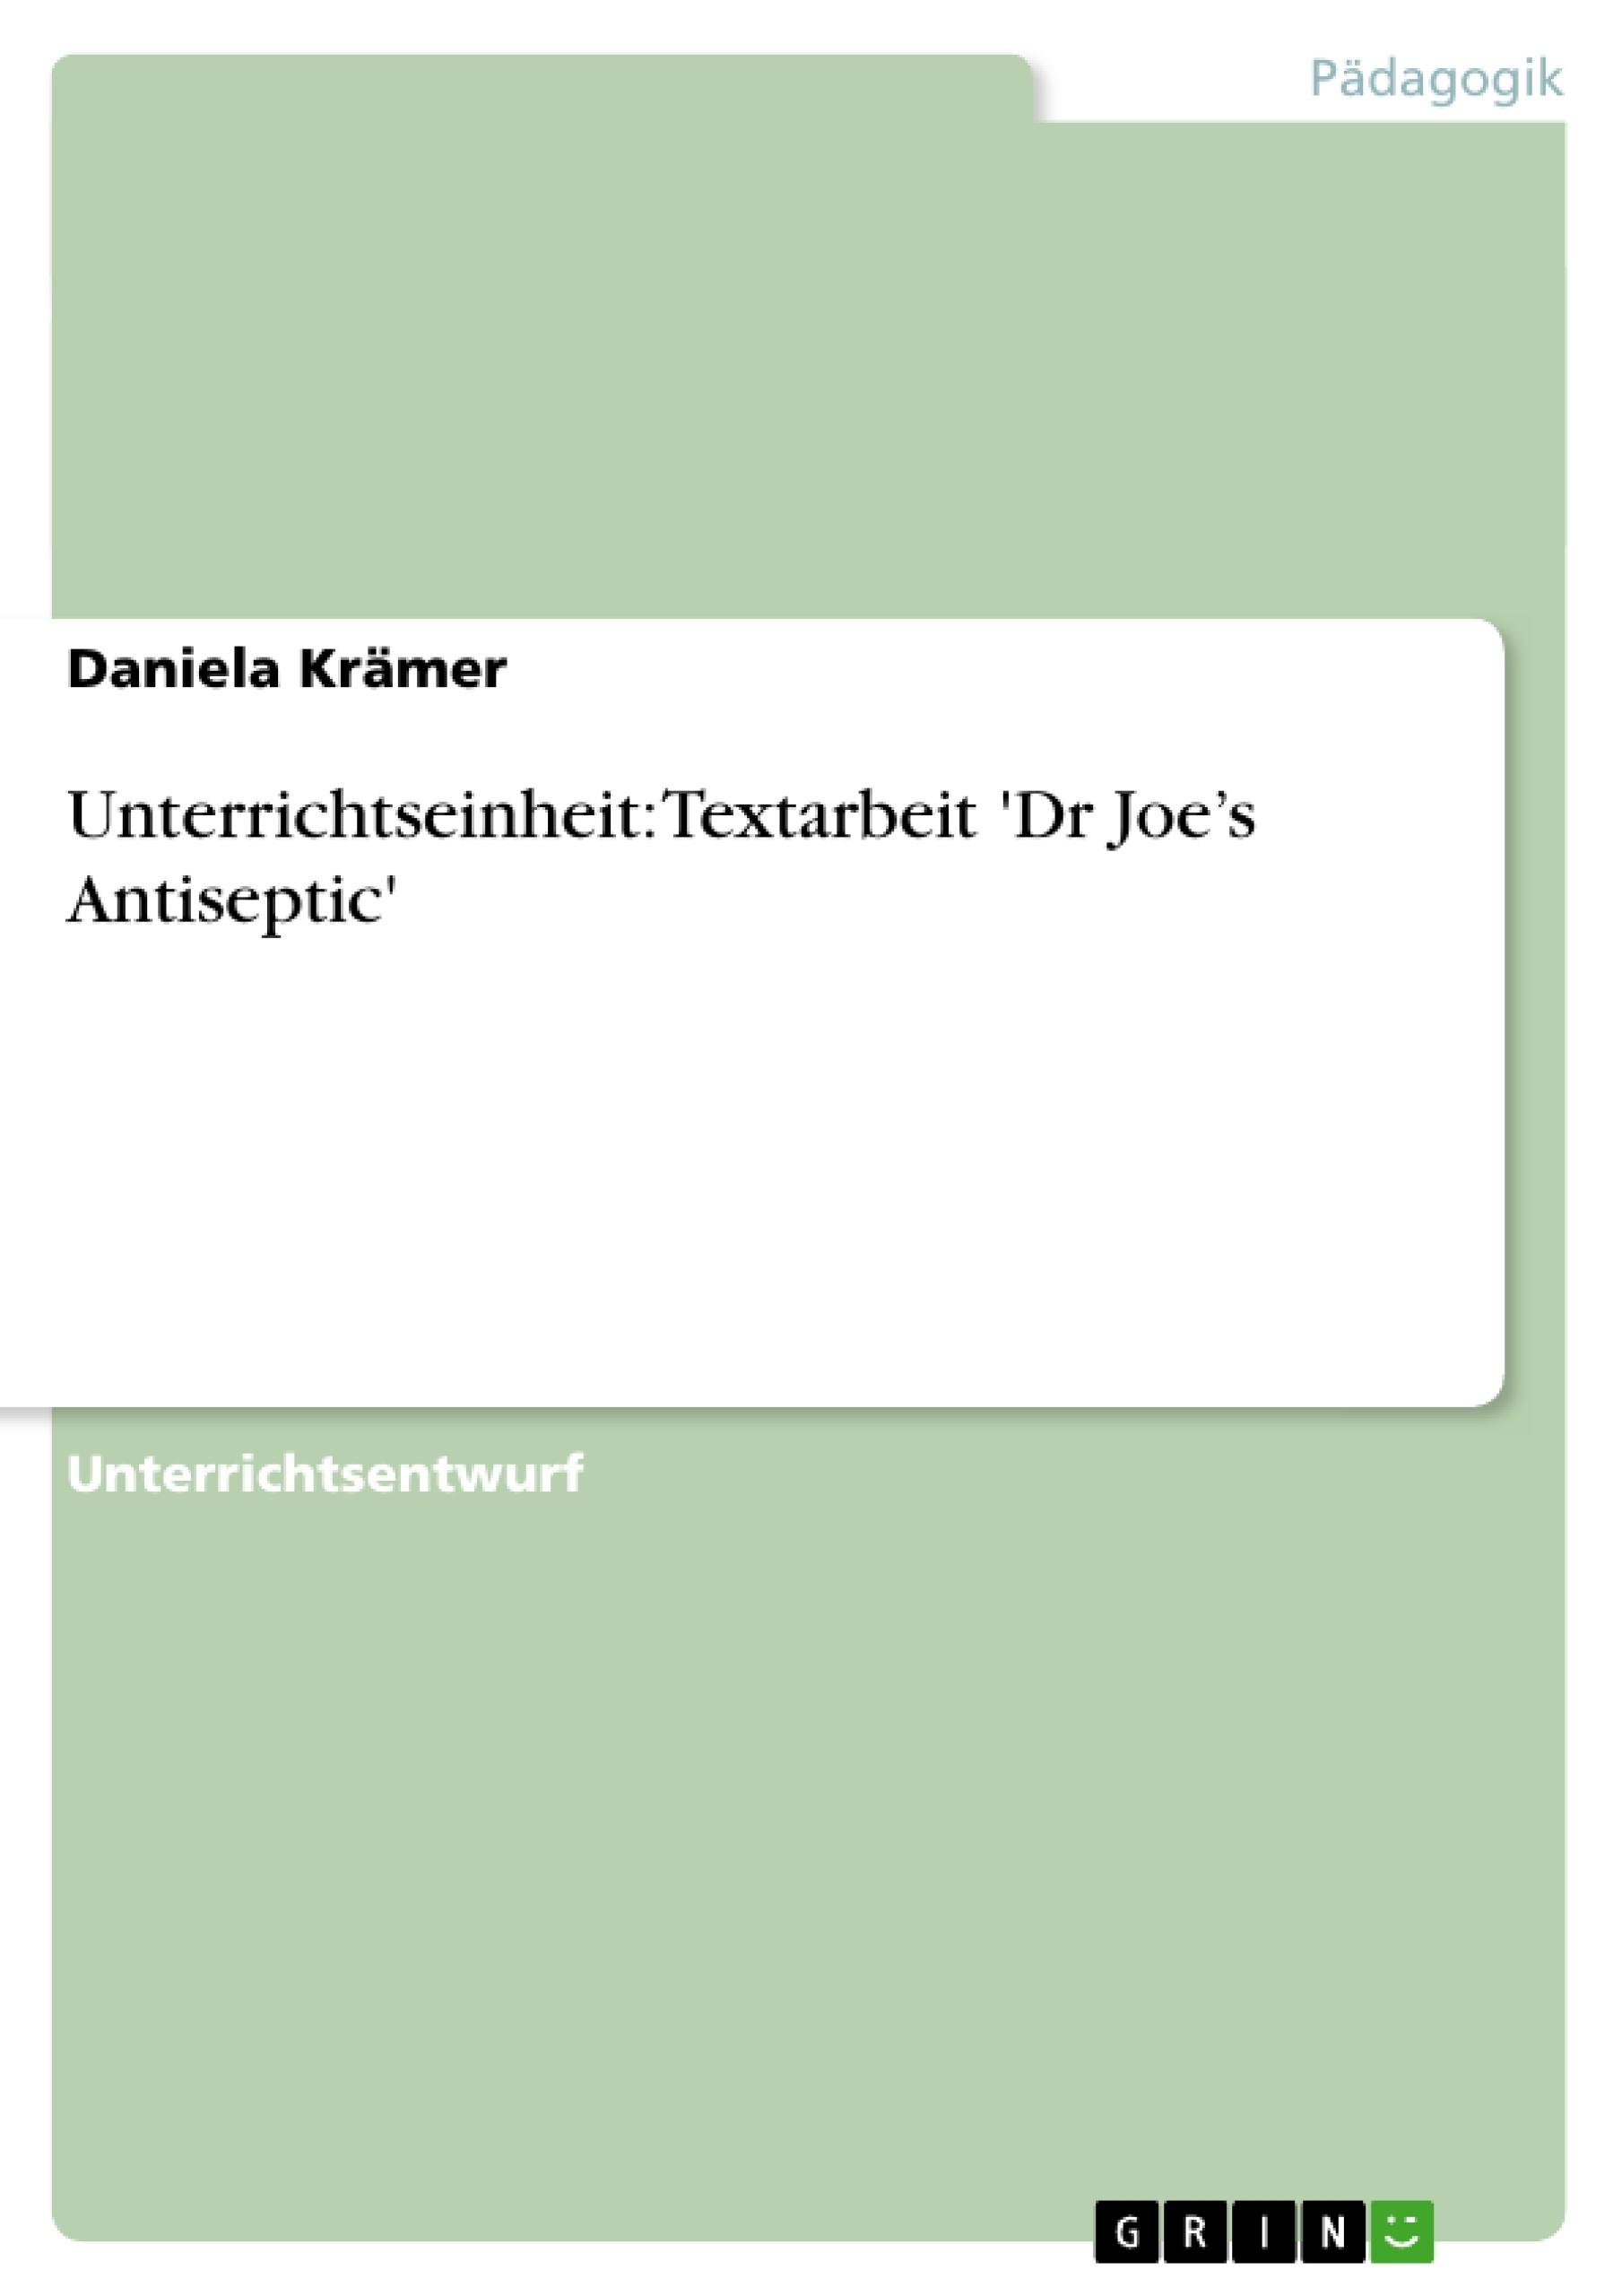 Titel: Unterrichtseinheit: Textarbeit 'Dr Joe's Antiseptic'